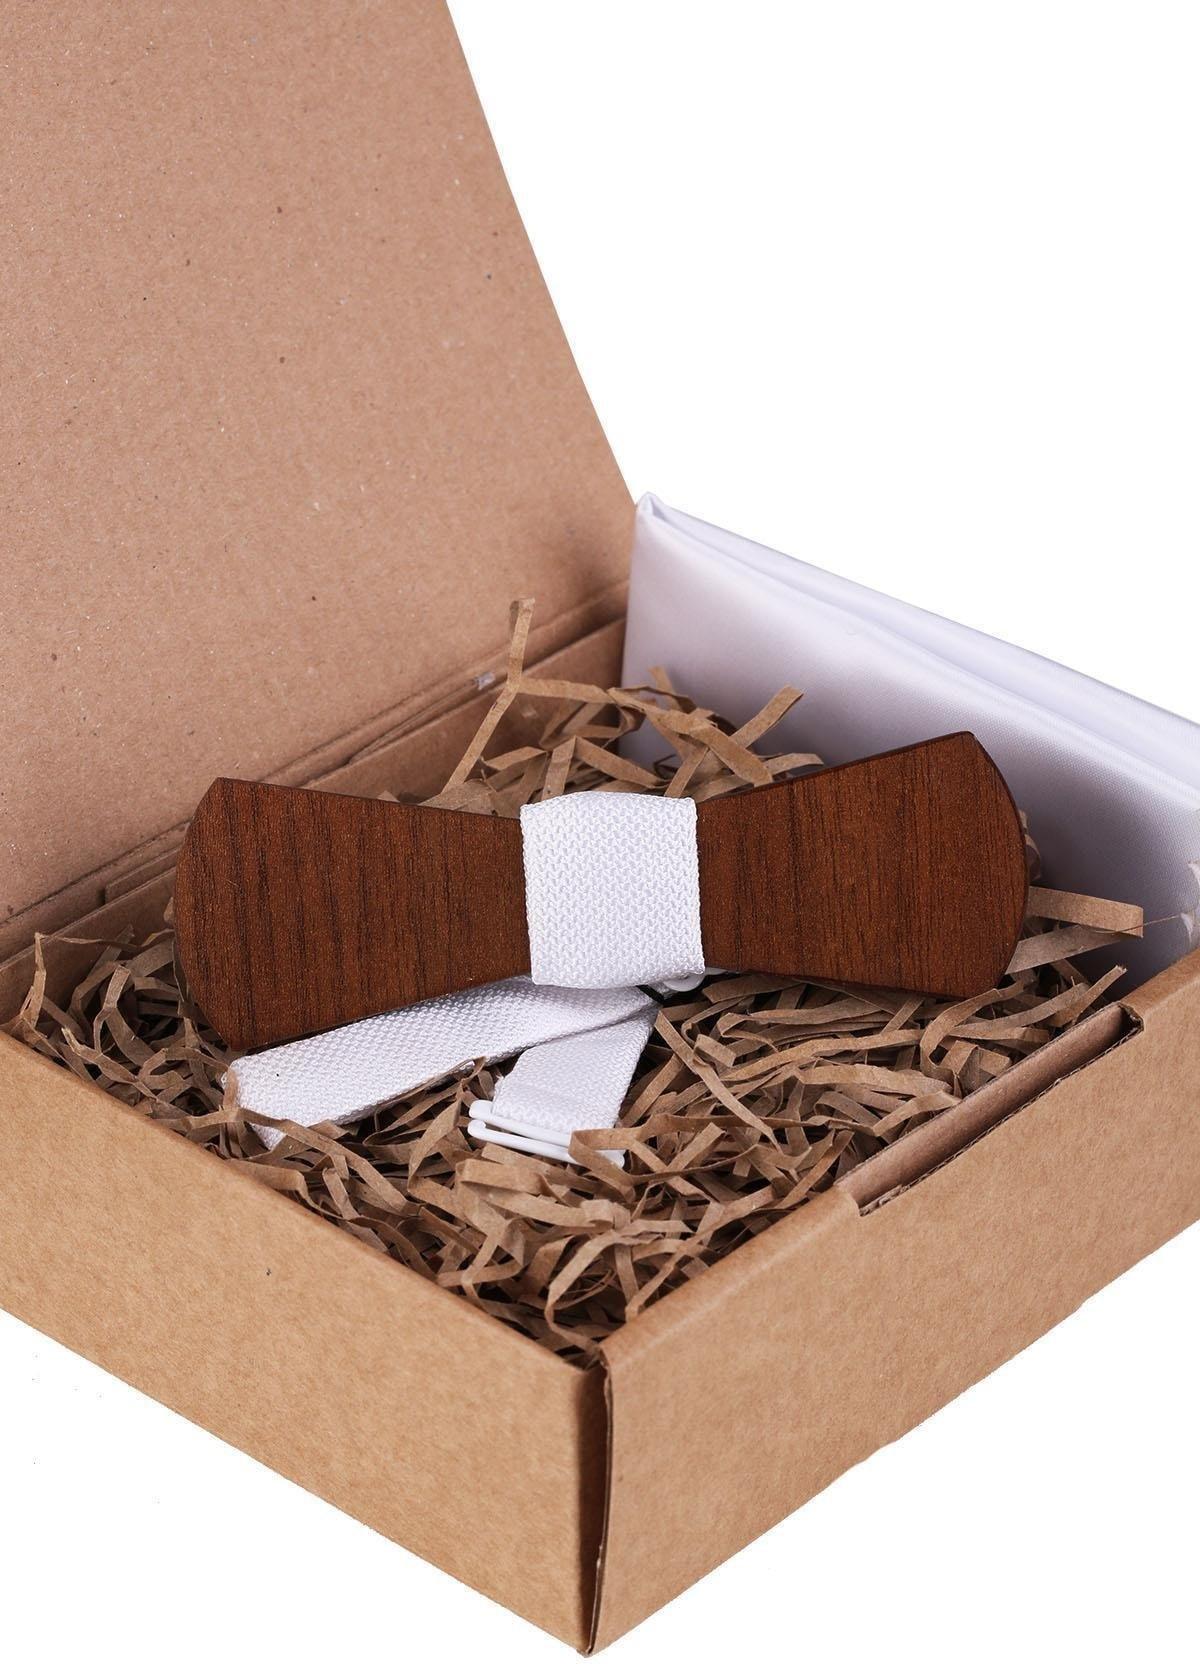 عکس پاپیون چوب سفید برند Kravatkolik کد 1600575482  پاپیون-چوب-سفید-برند-kravatkolik-کد-1600575482